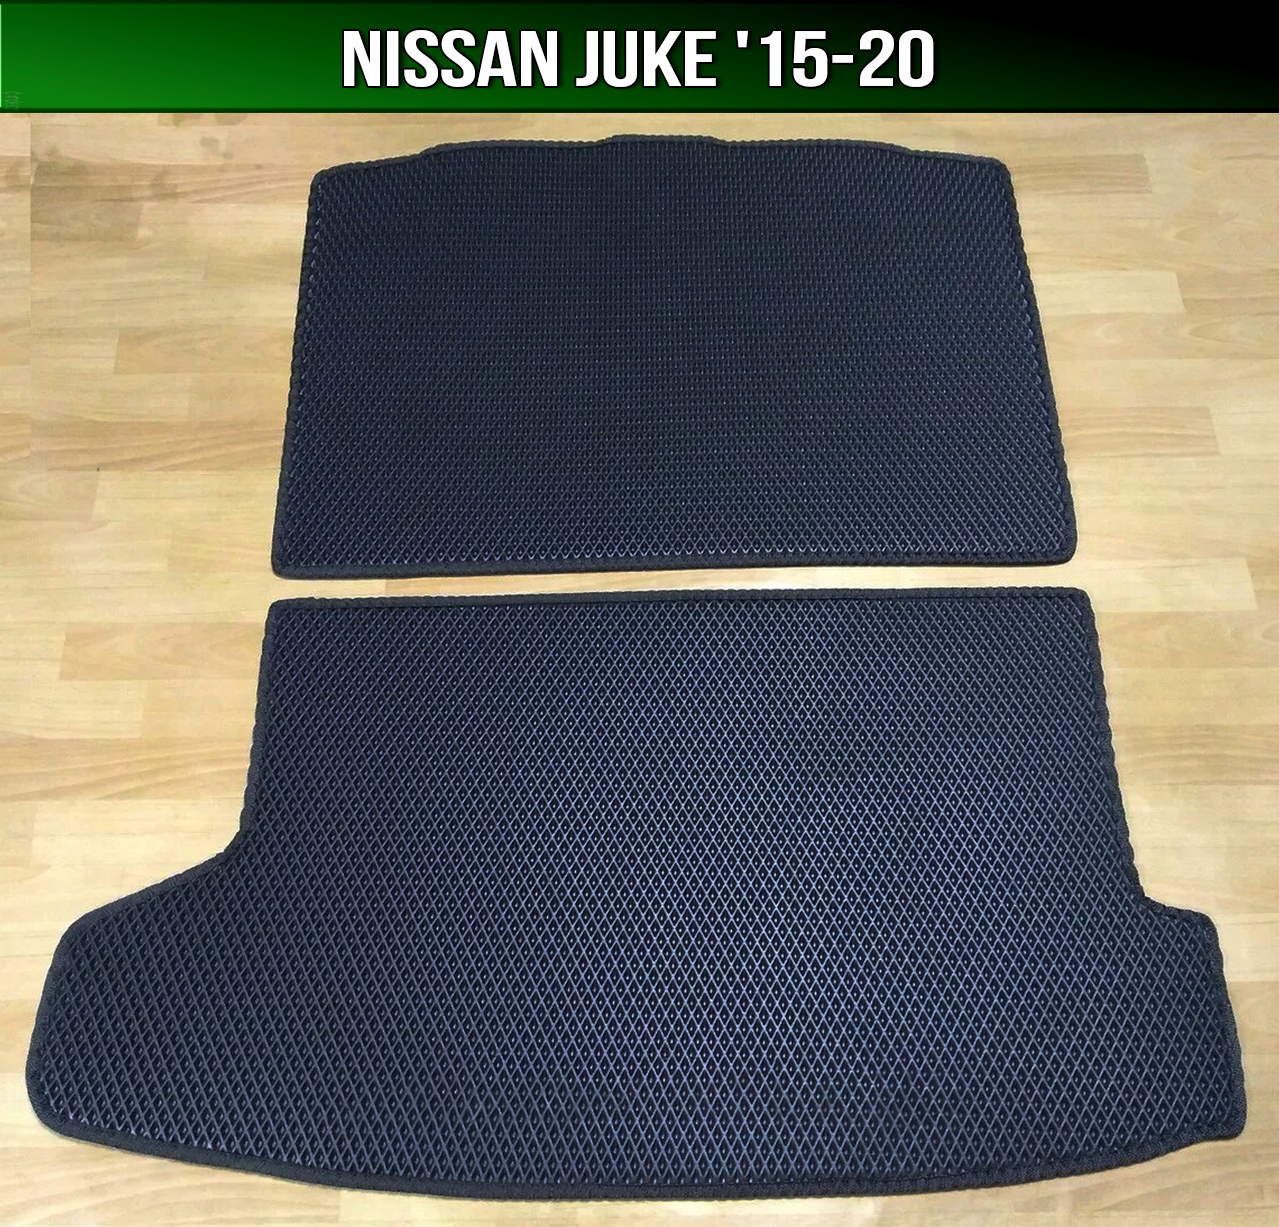 ЕВА коврик в багажник на Nissan Juke '15-20. Ковер багажника EVA Ниссан Жук